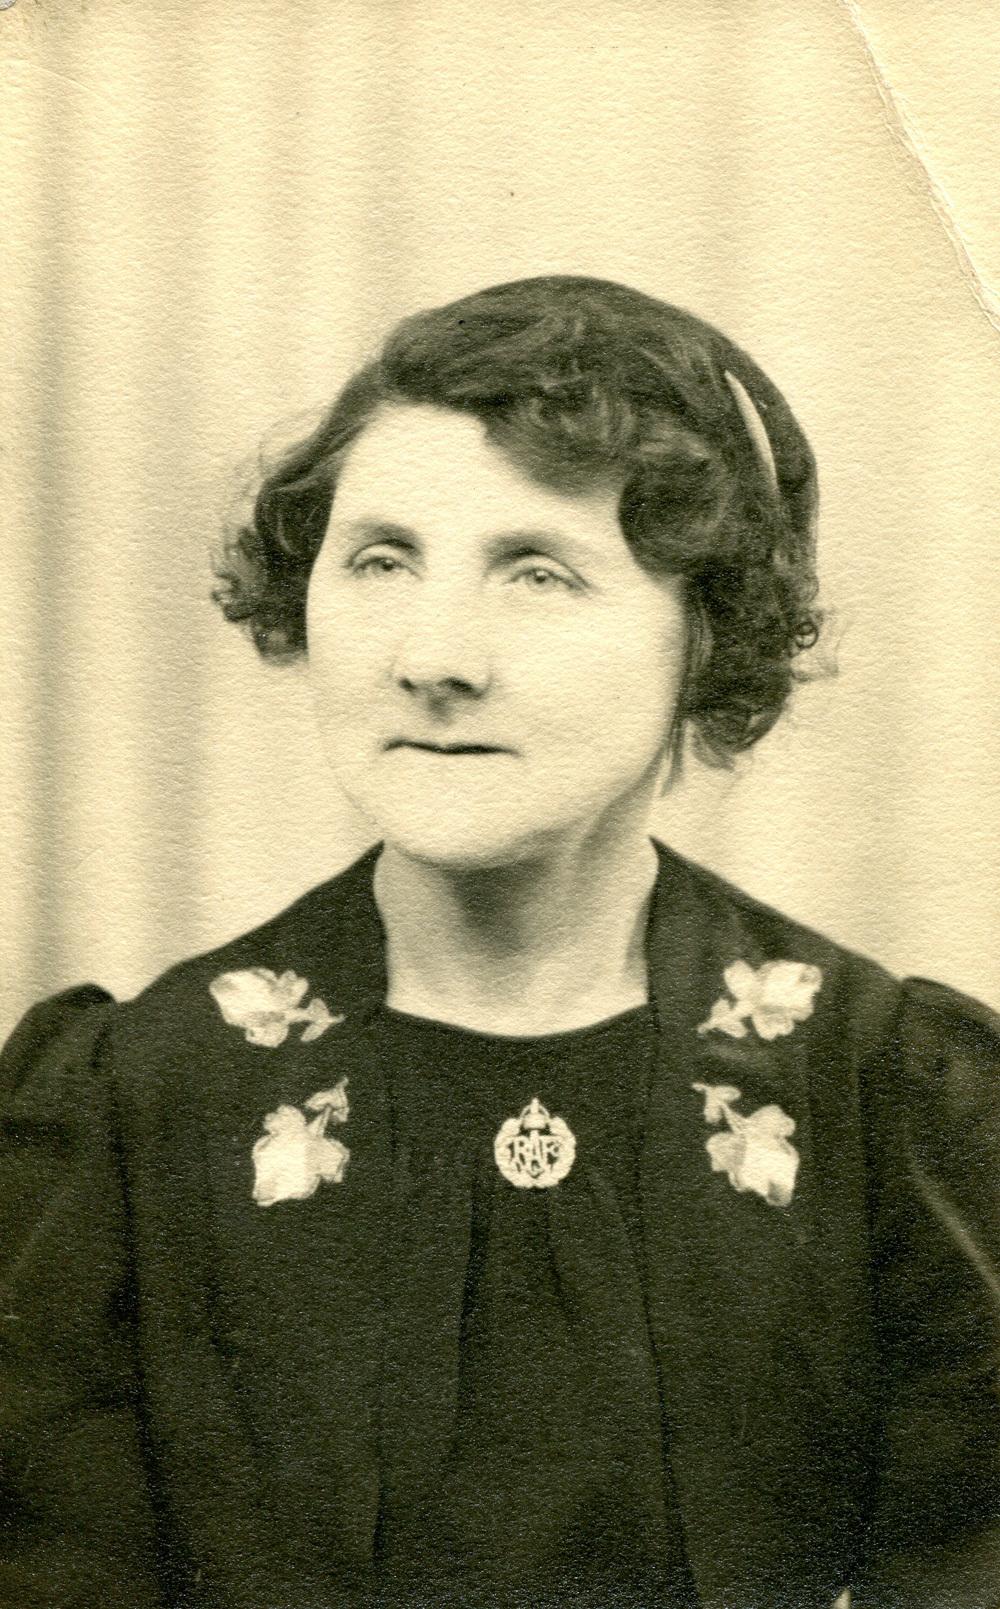 Studio Portrait Of Woman, 20th April 1942